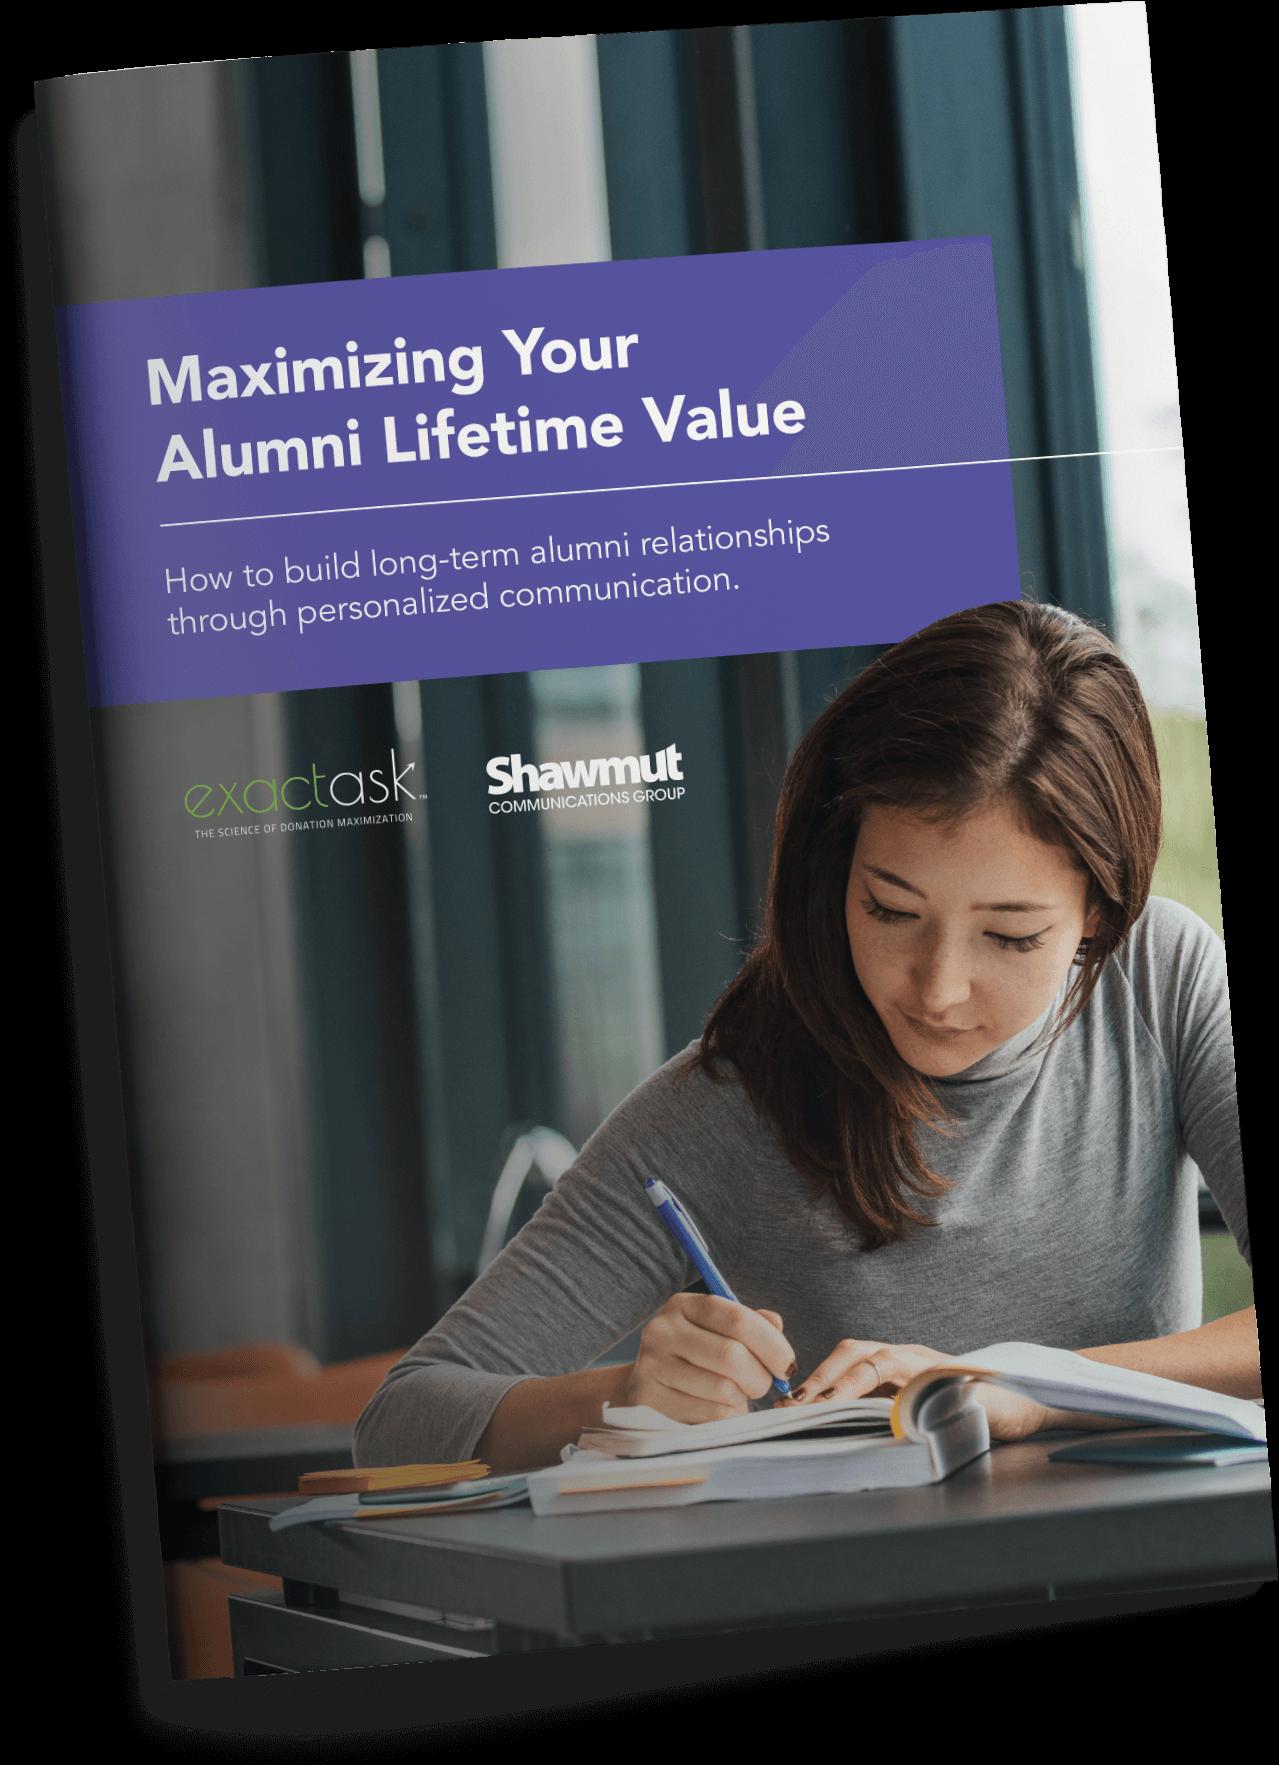 Maximizing Your Alumni Lifetime Value